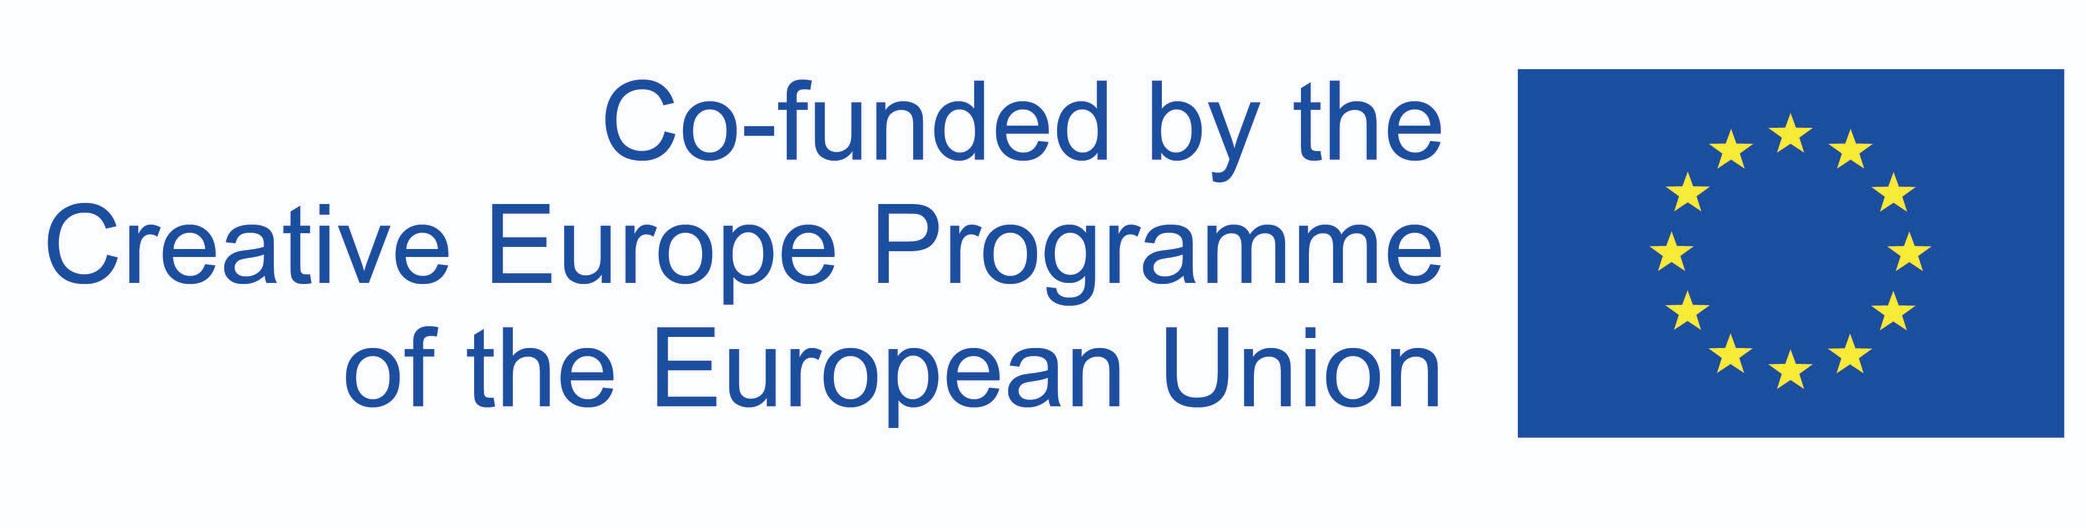 logosbeneficairescreativeeuropeleft_en.jpg